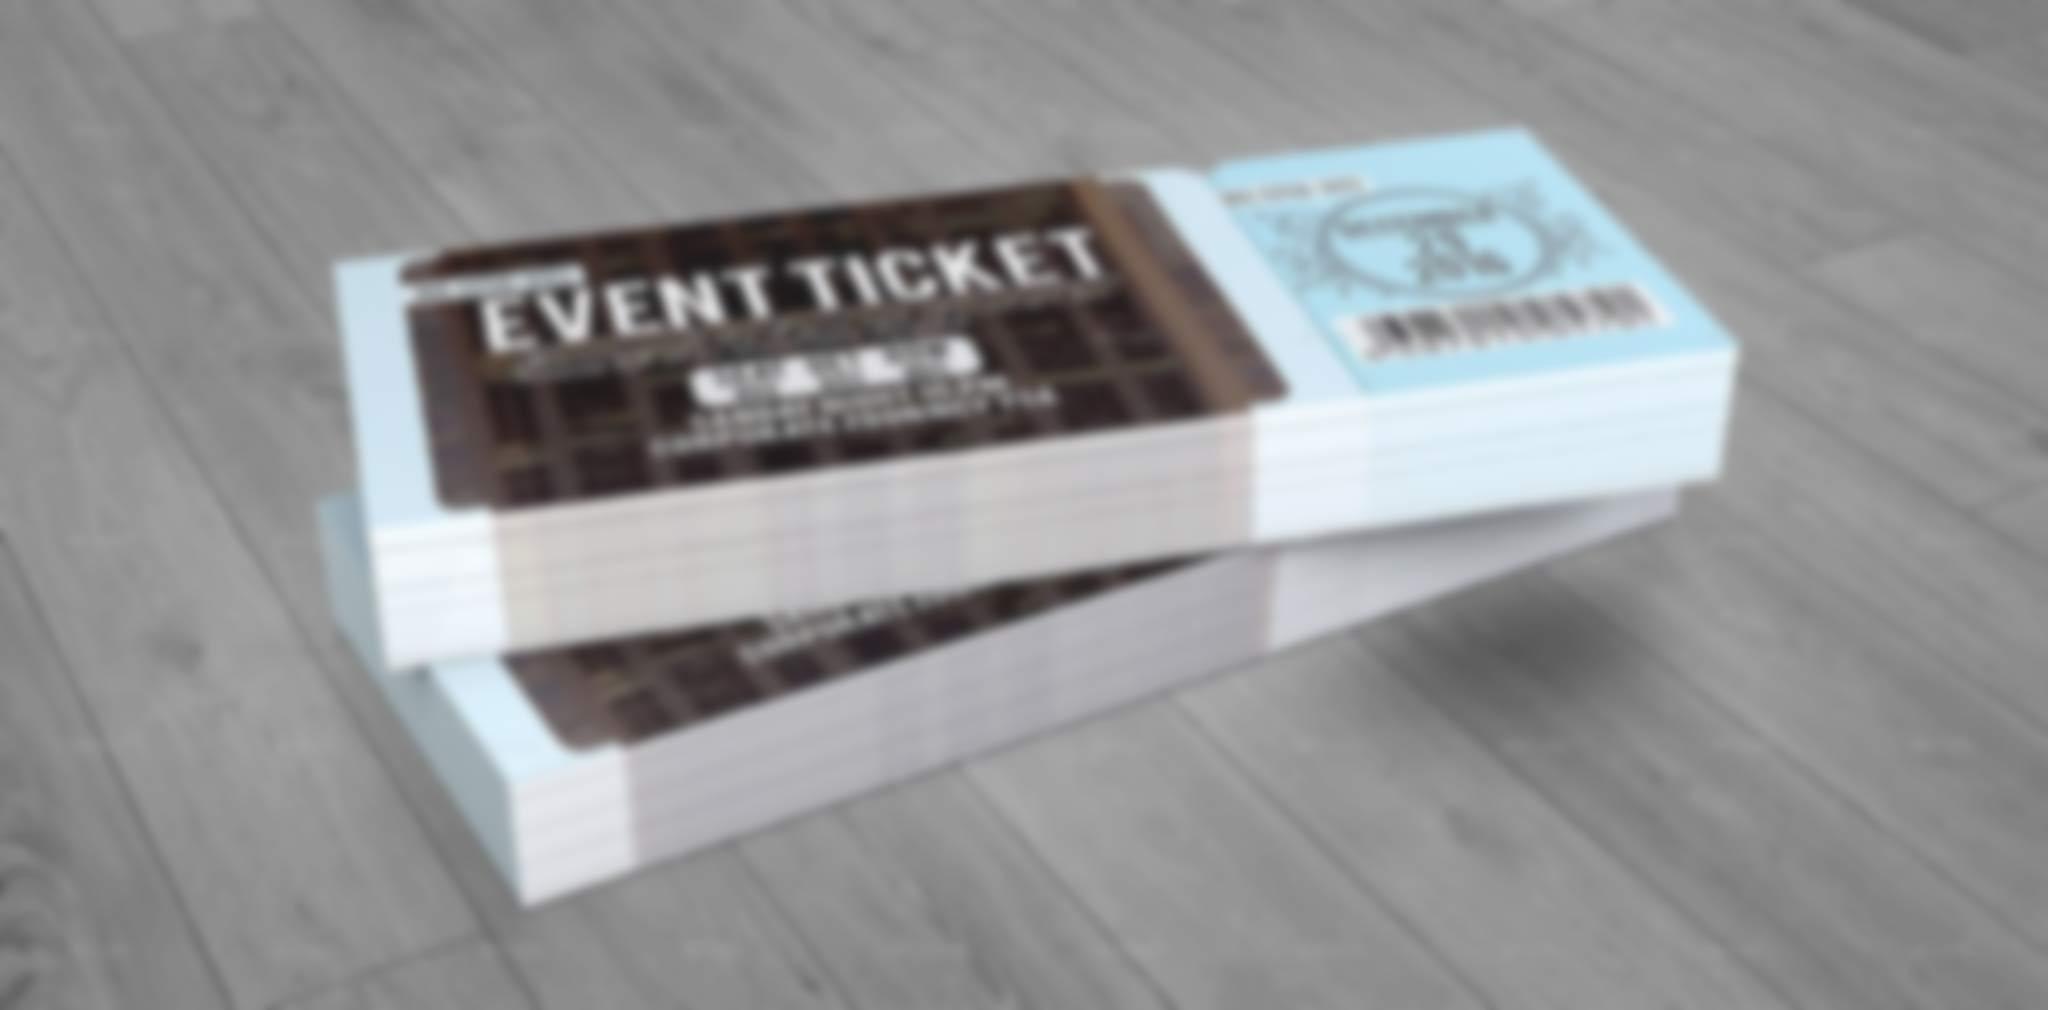 BrewFest WD 2021 Ticket update